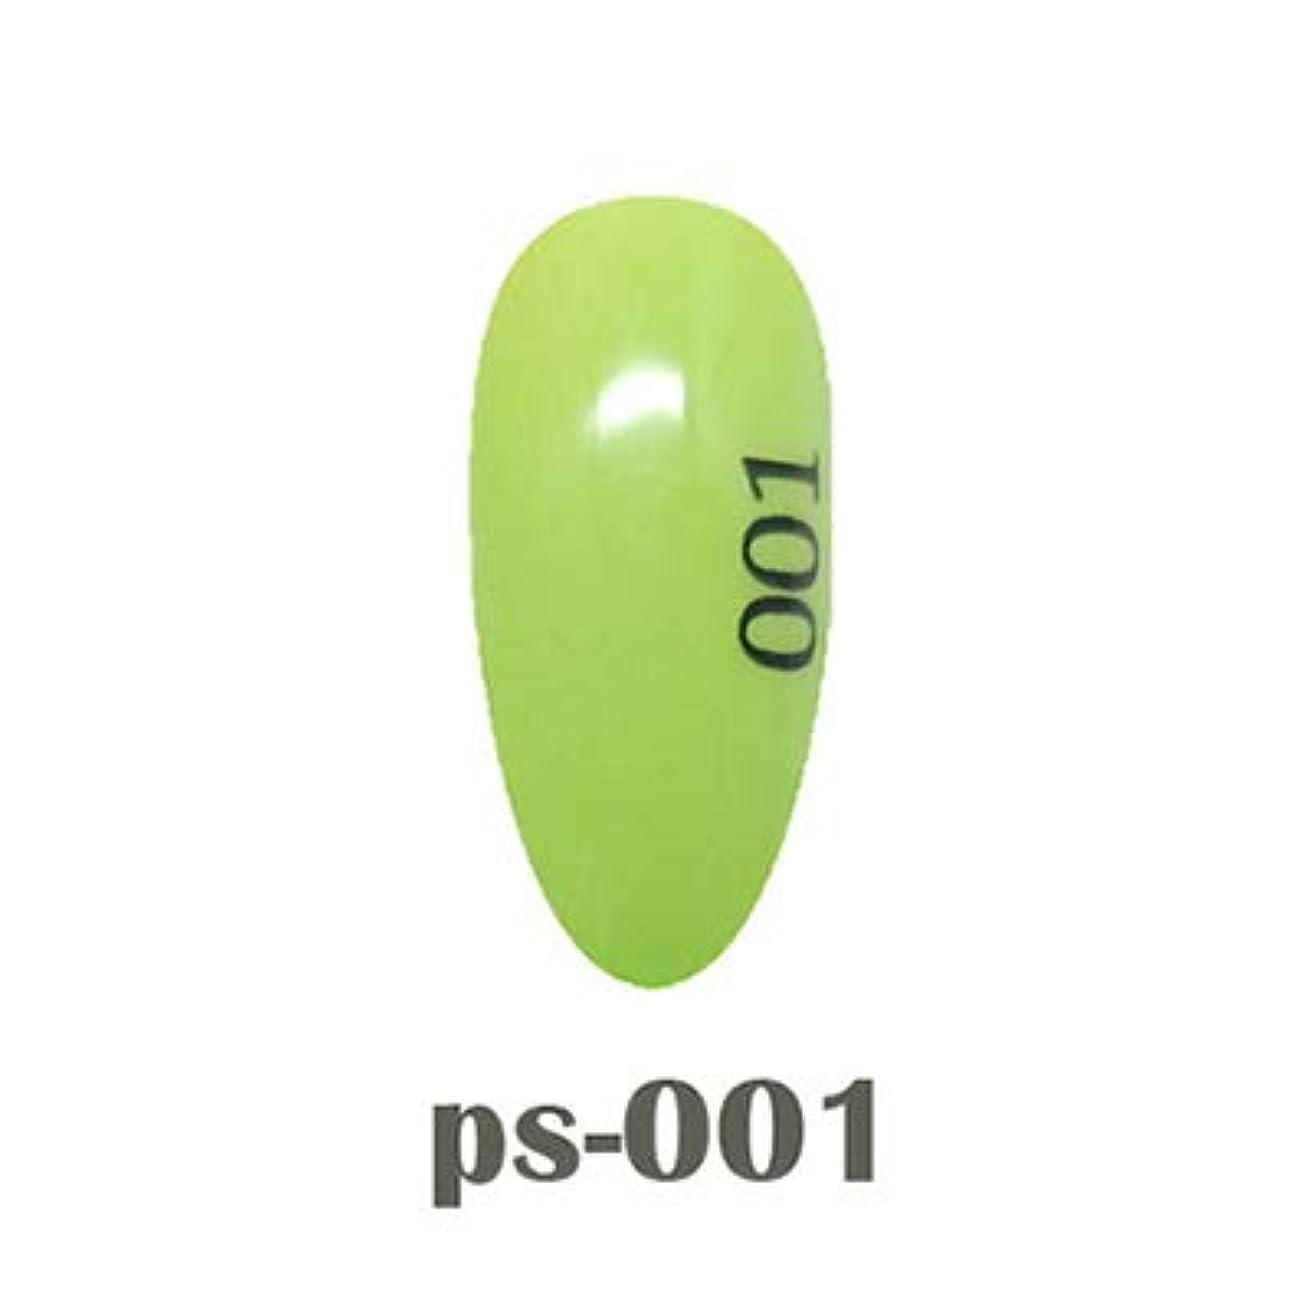 遮る評議会つかまえるアイスジェル カラージェル ポイントパステルシリーズ PP-001 3g